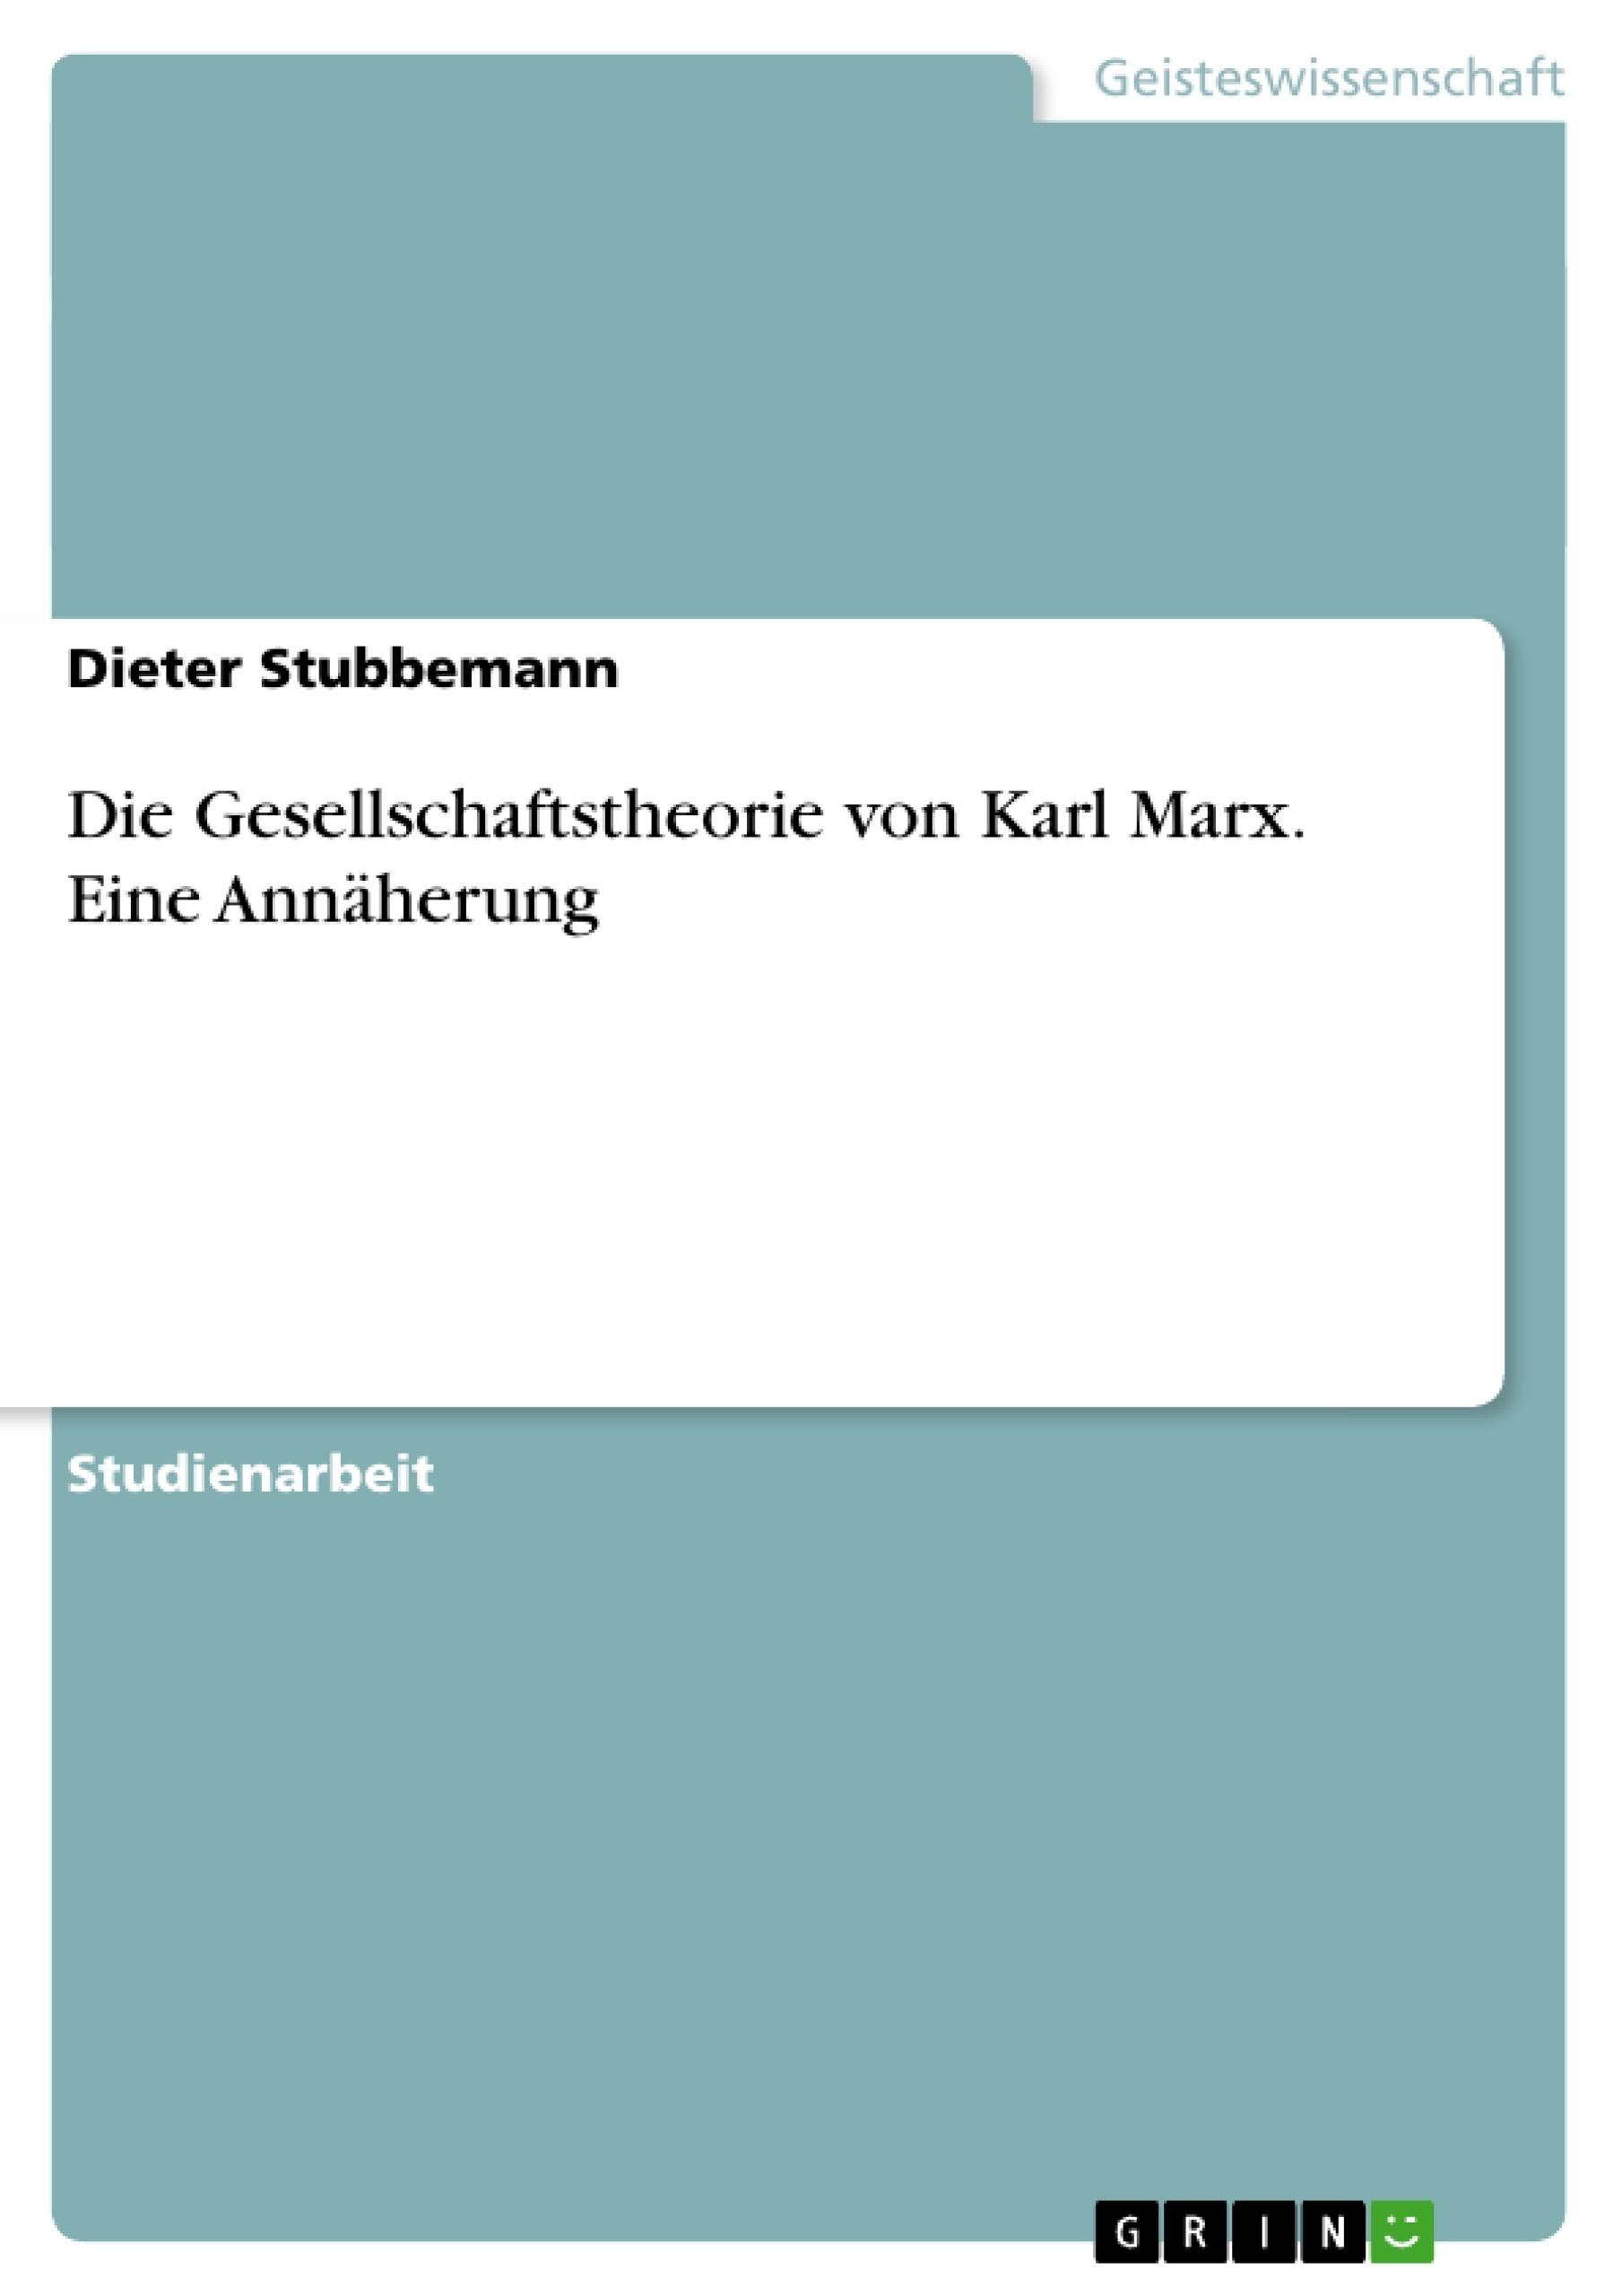 Titel: Die Gesellschaftstheorie von Karl Marx. Eine Annäherung